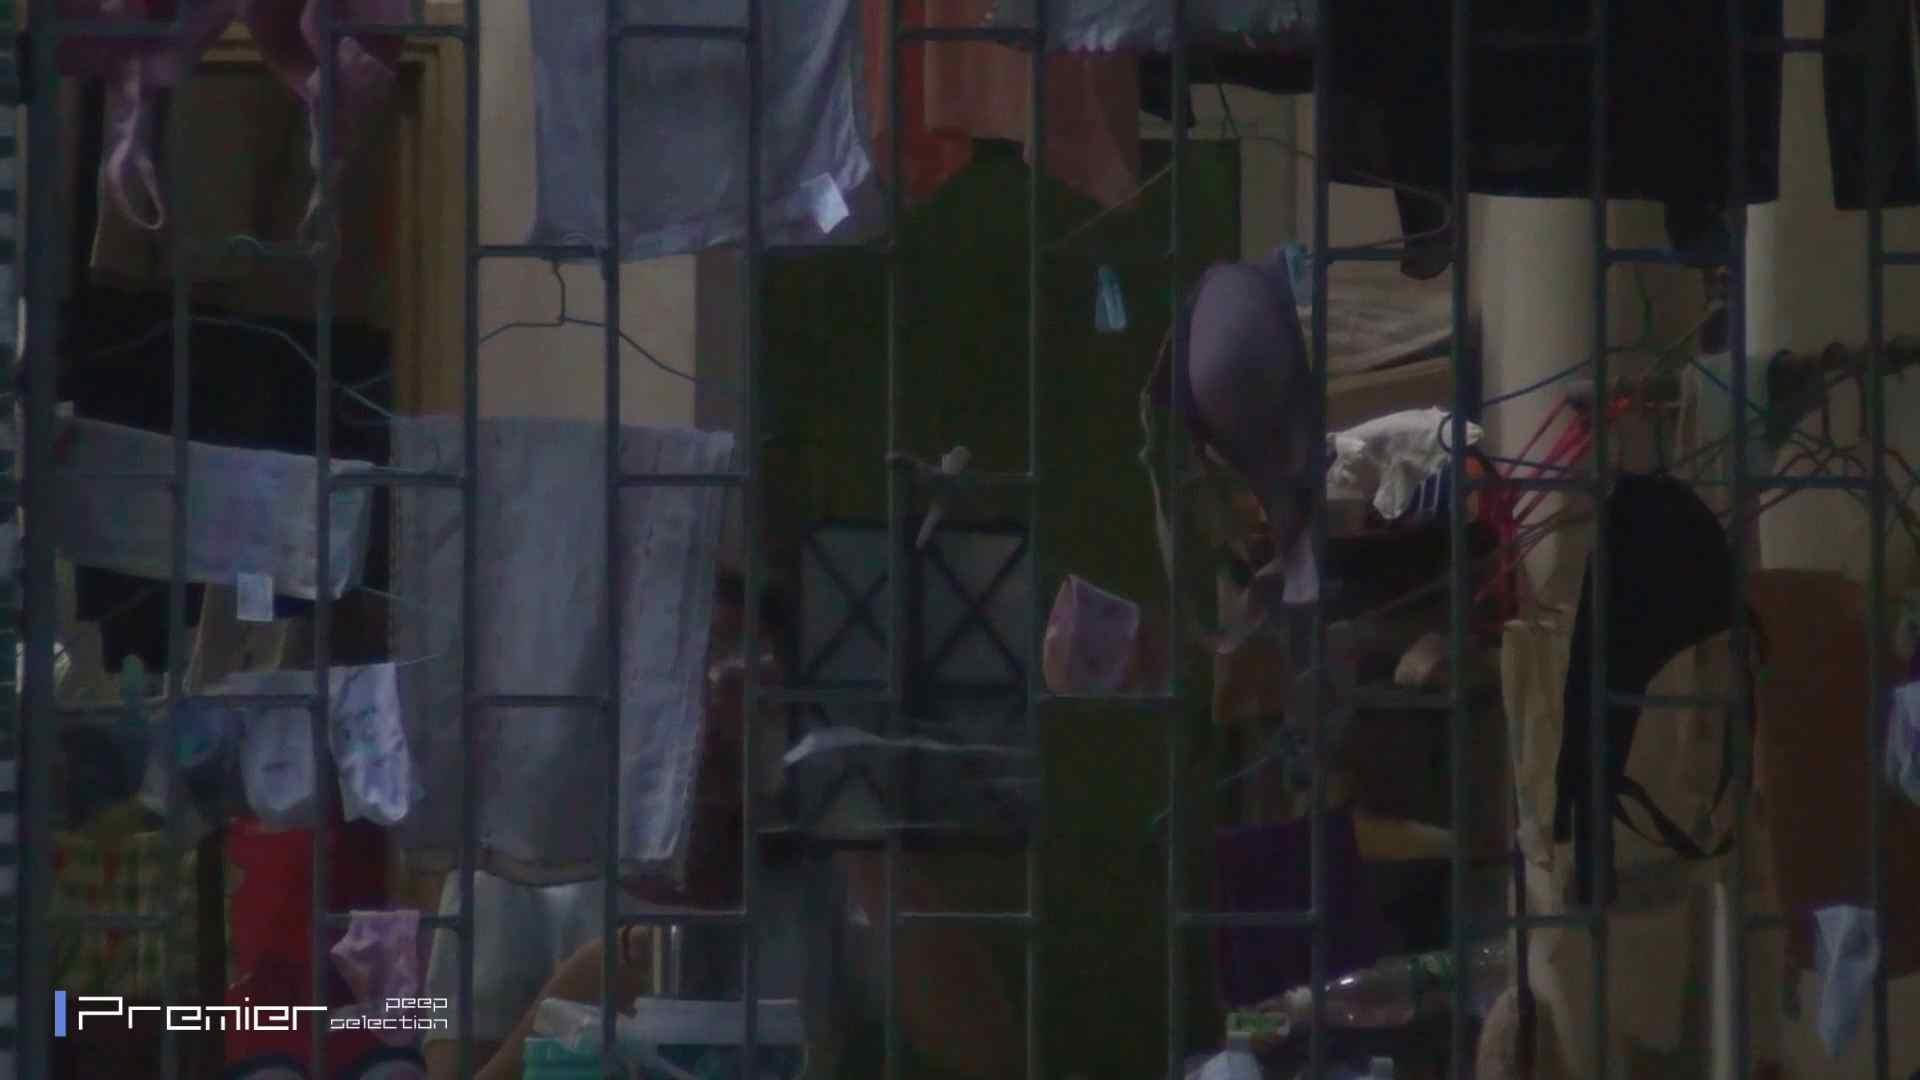 激撮り美女の洗顔シーン Vol.05 美女の痴態に密着! いやらしいOL オマンコ無修正動画無料 77連発 65